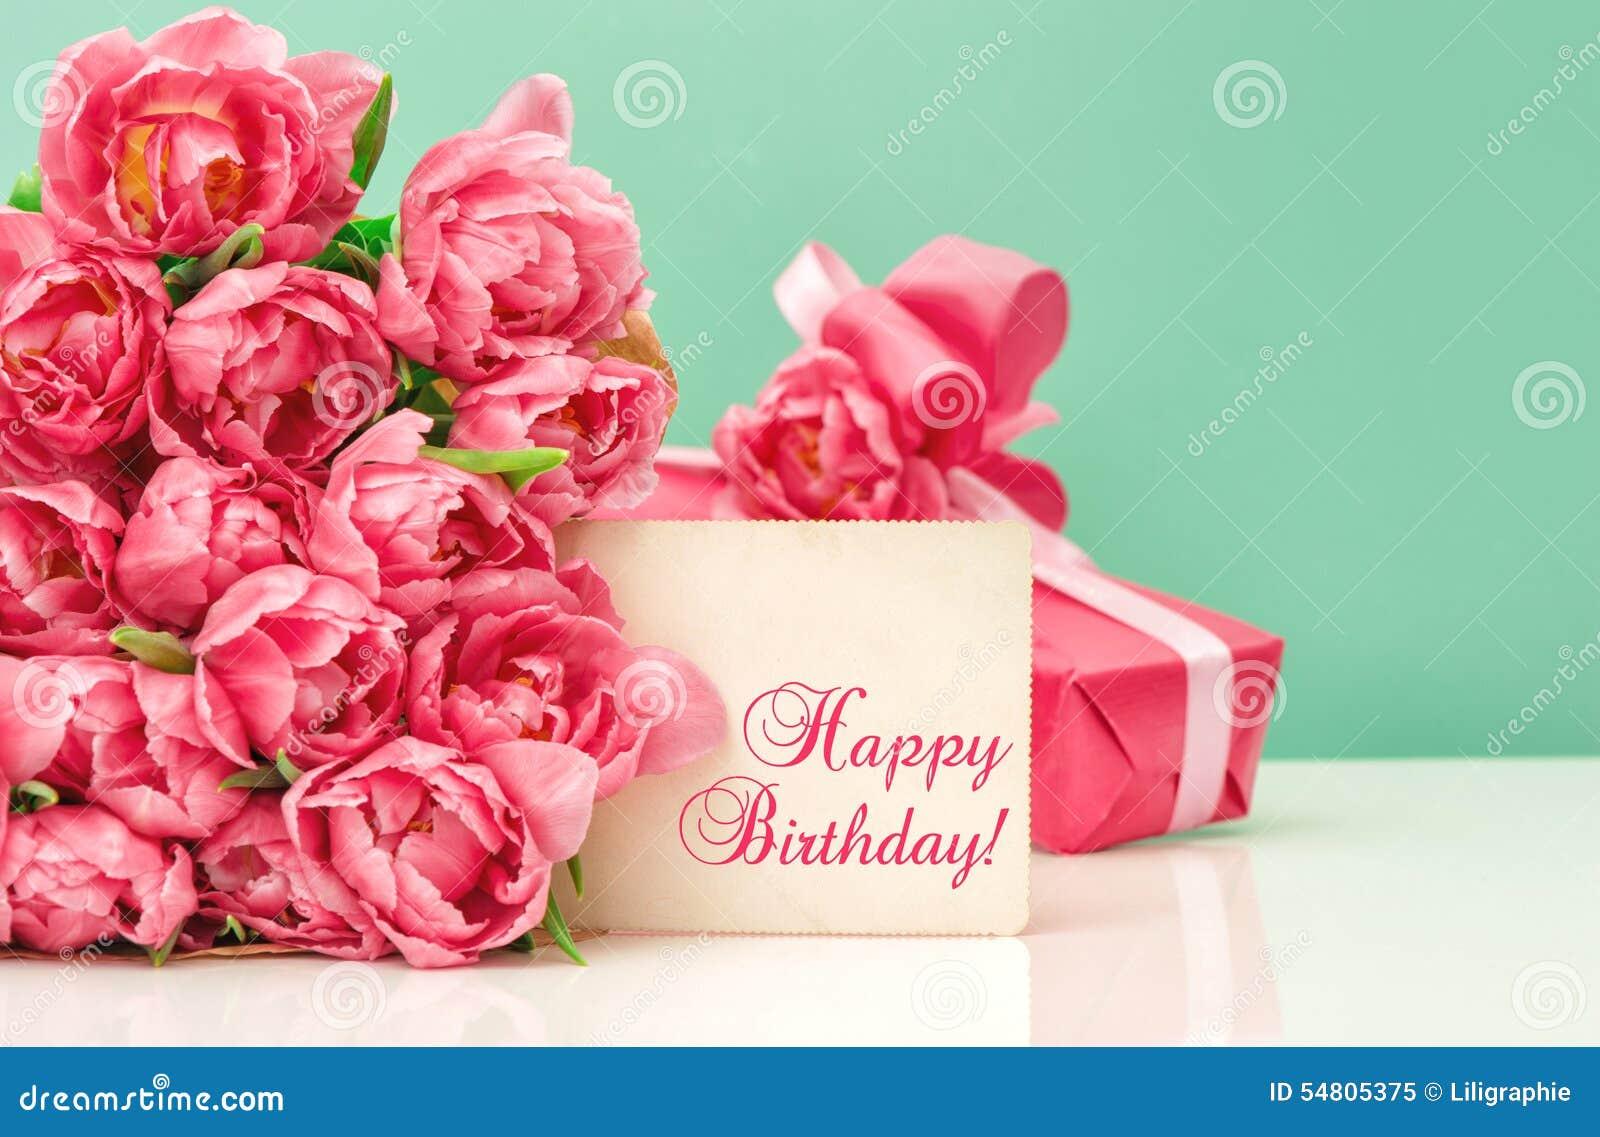 image of happy birthday wishes tia